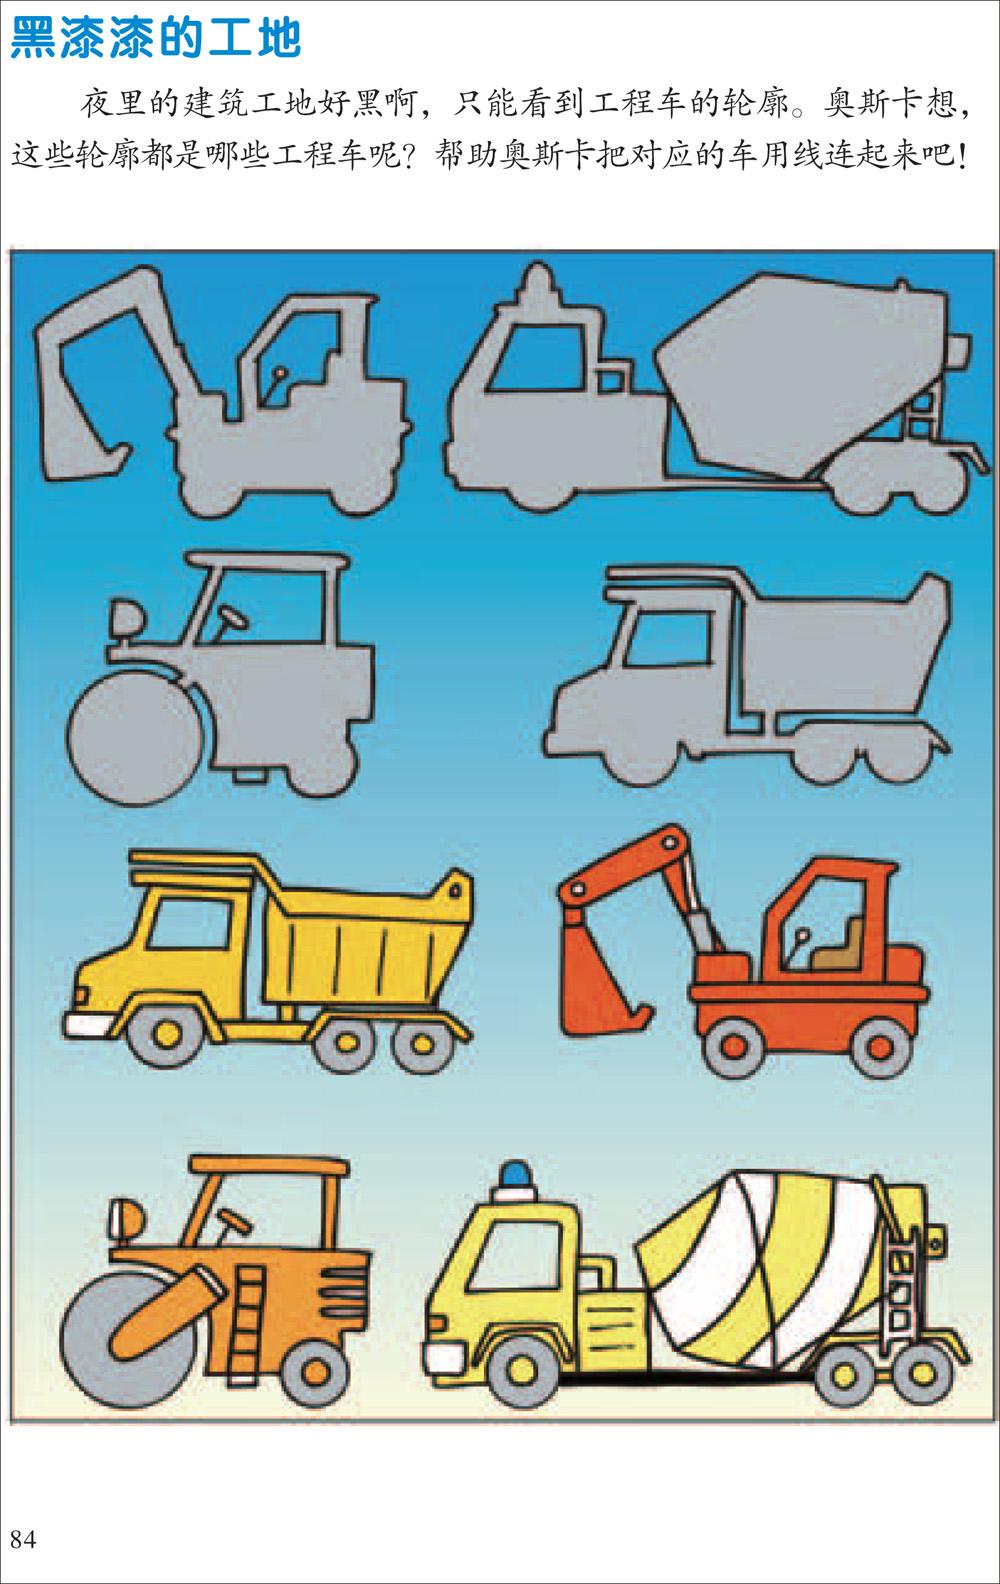 火车呜呜呜   生日聚会   参观消防队   动物园真有趣   建筑工地大